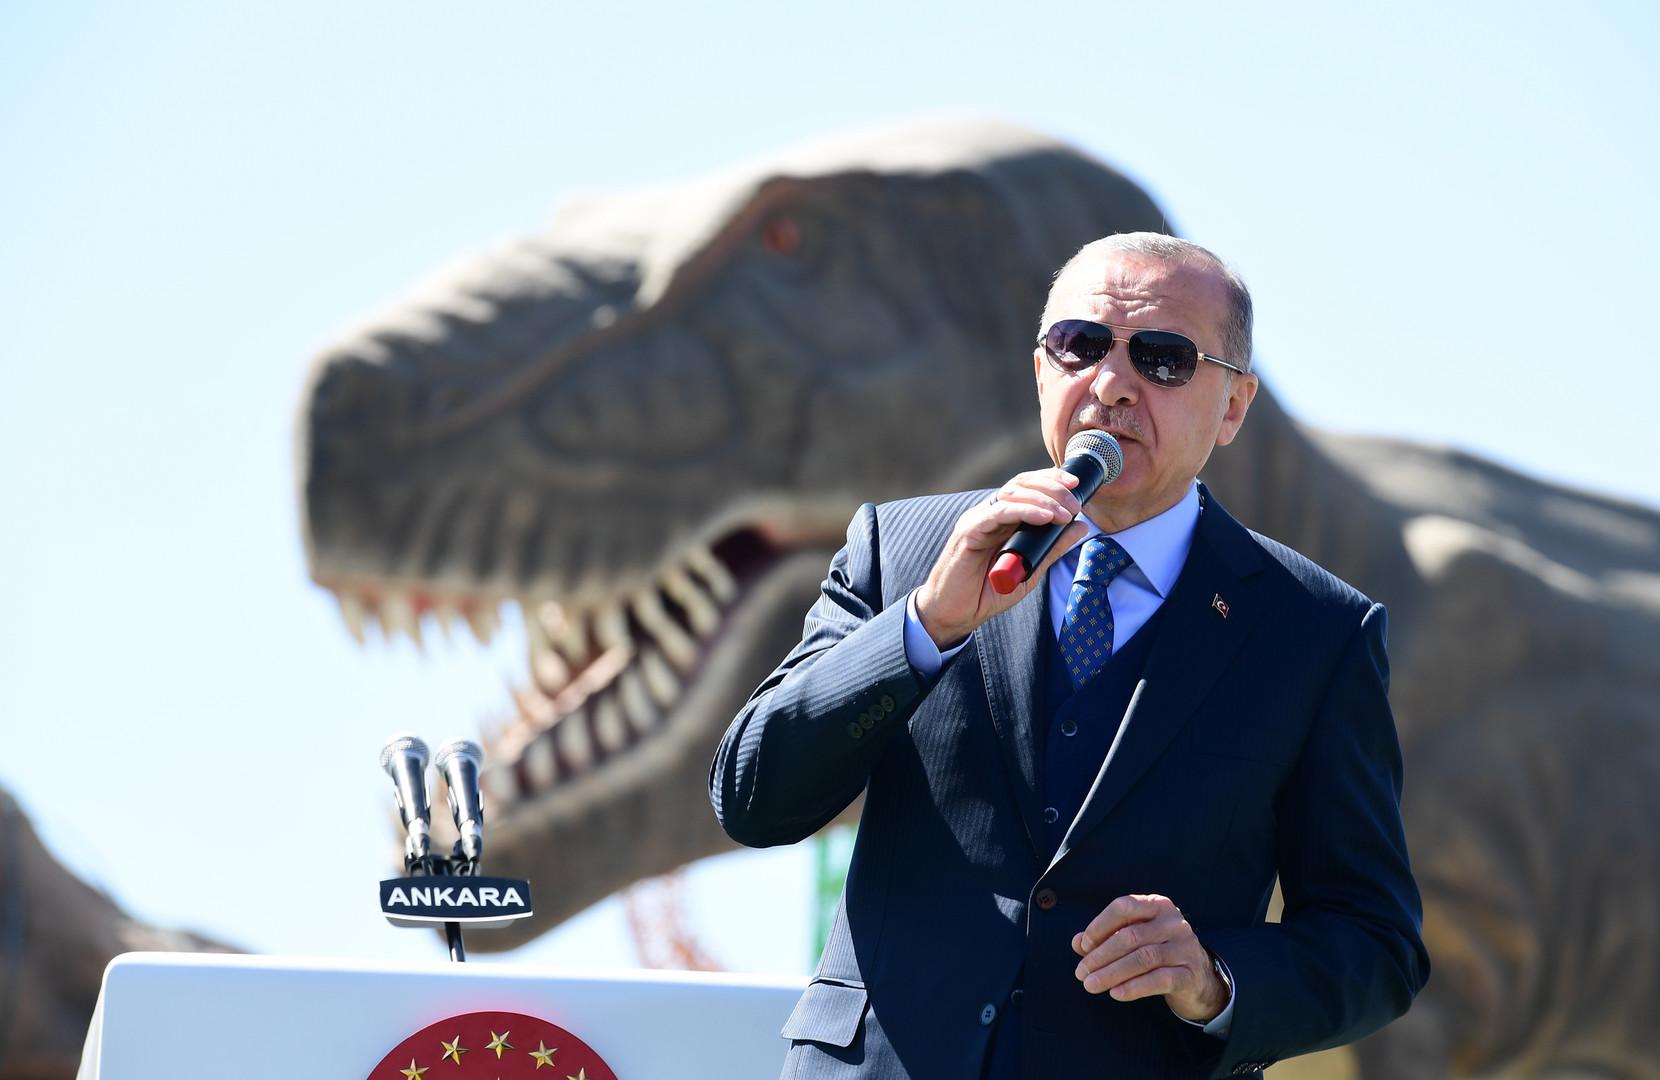 الانتفاضة ضد الرئيس التركي تختمر